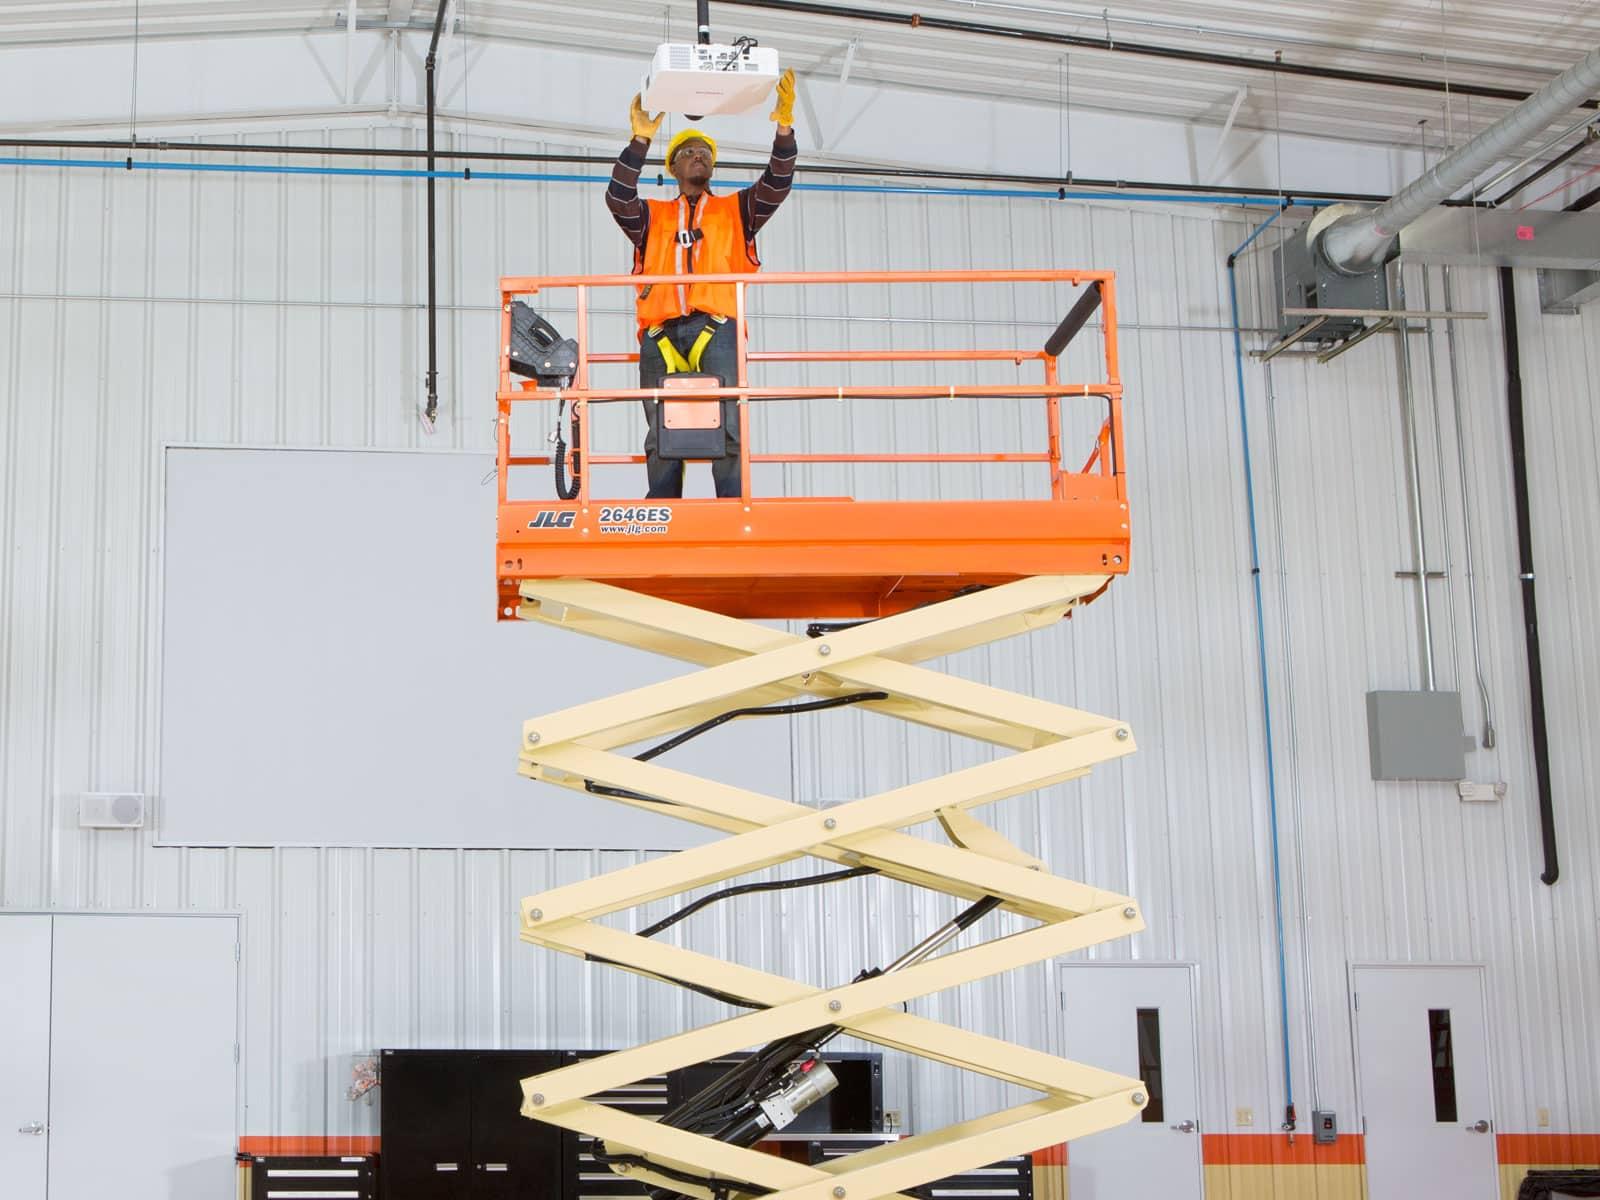 Tijera Eléctrica 10 metros JLG